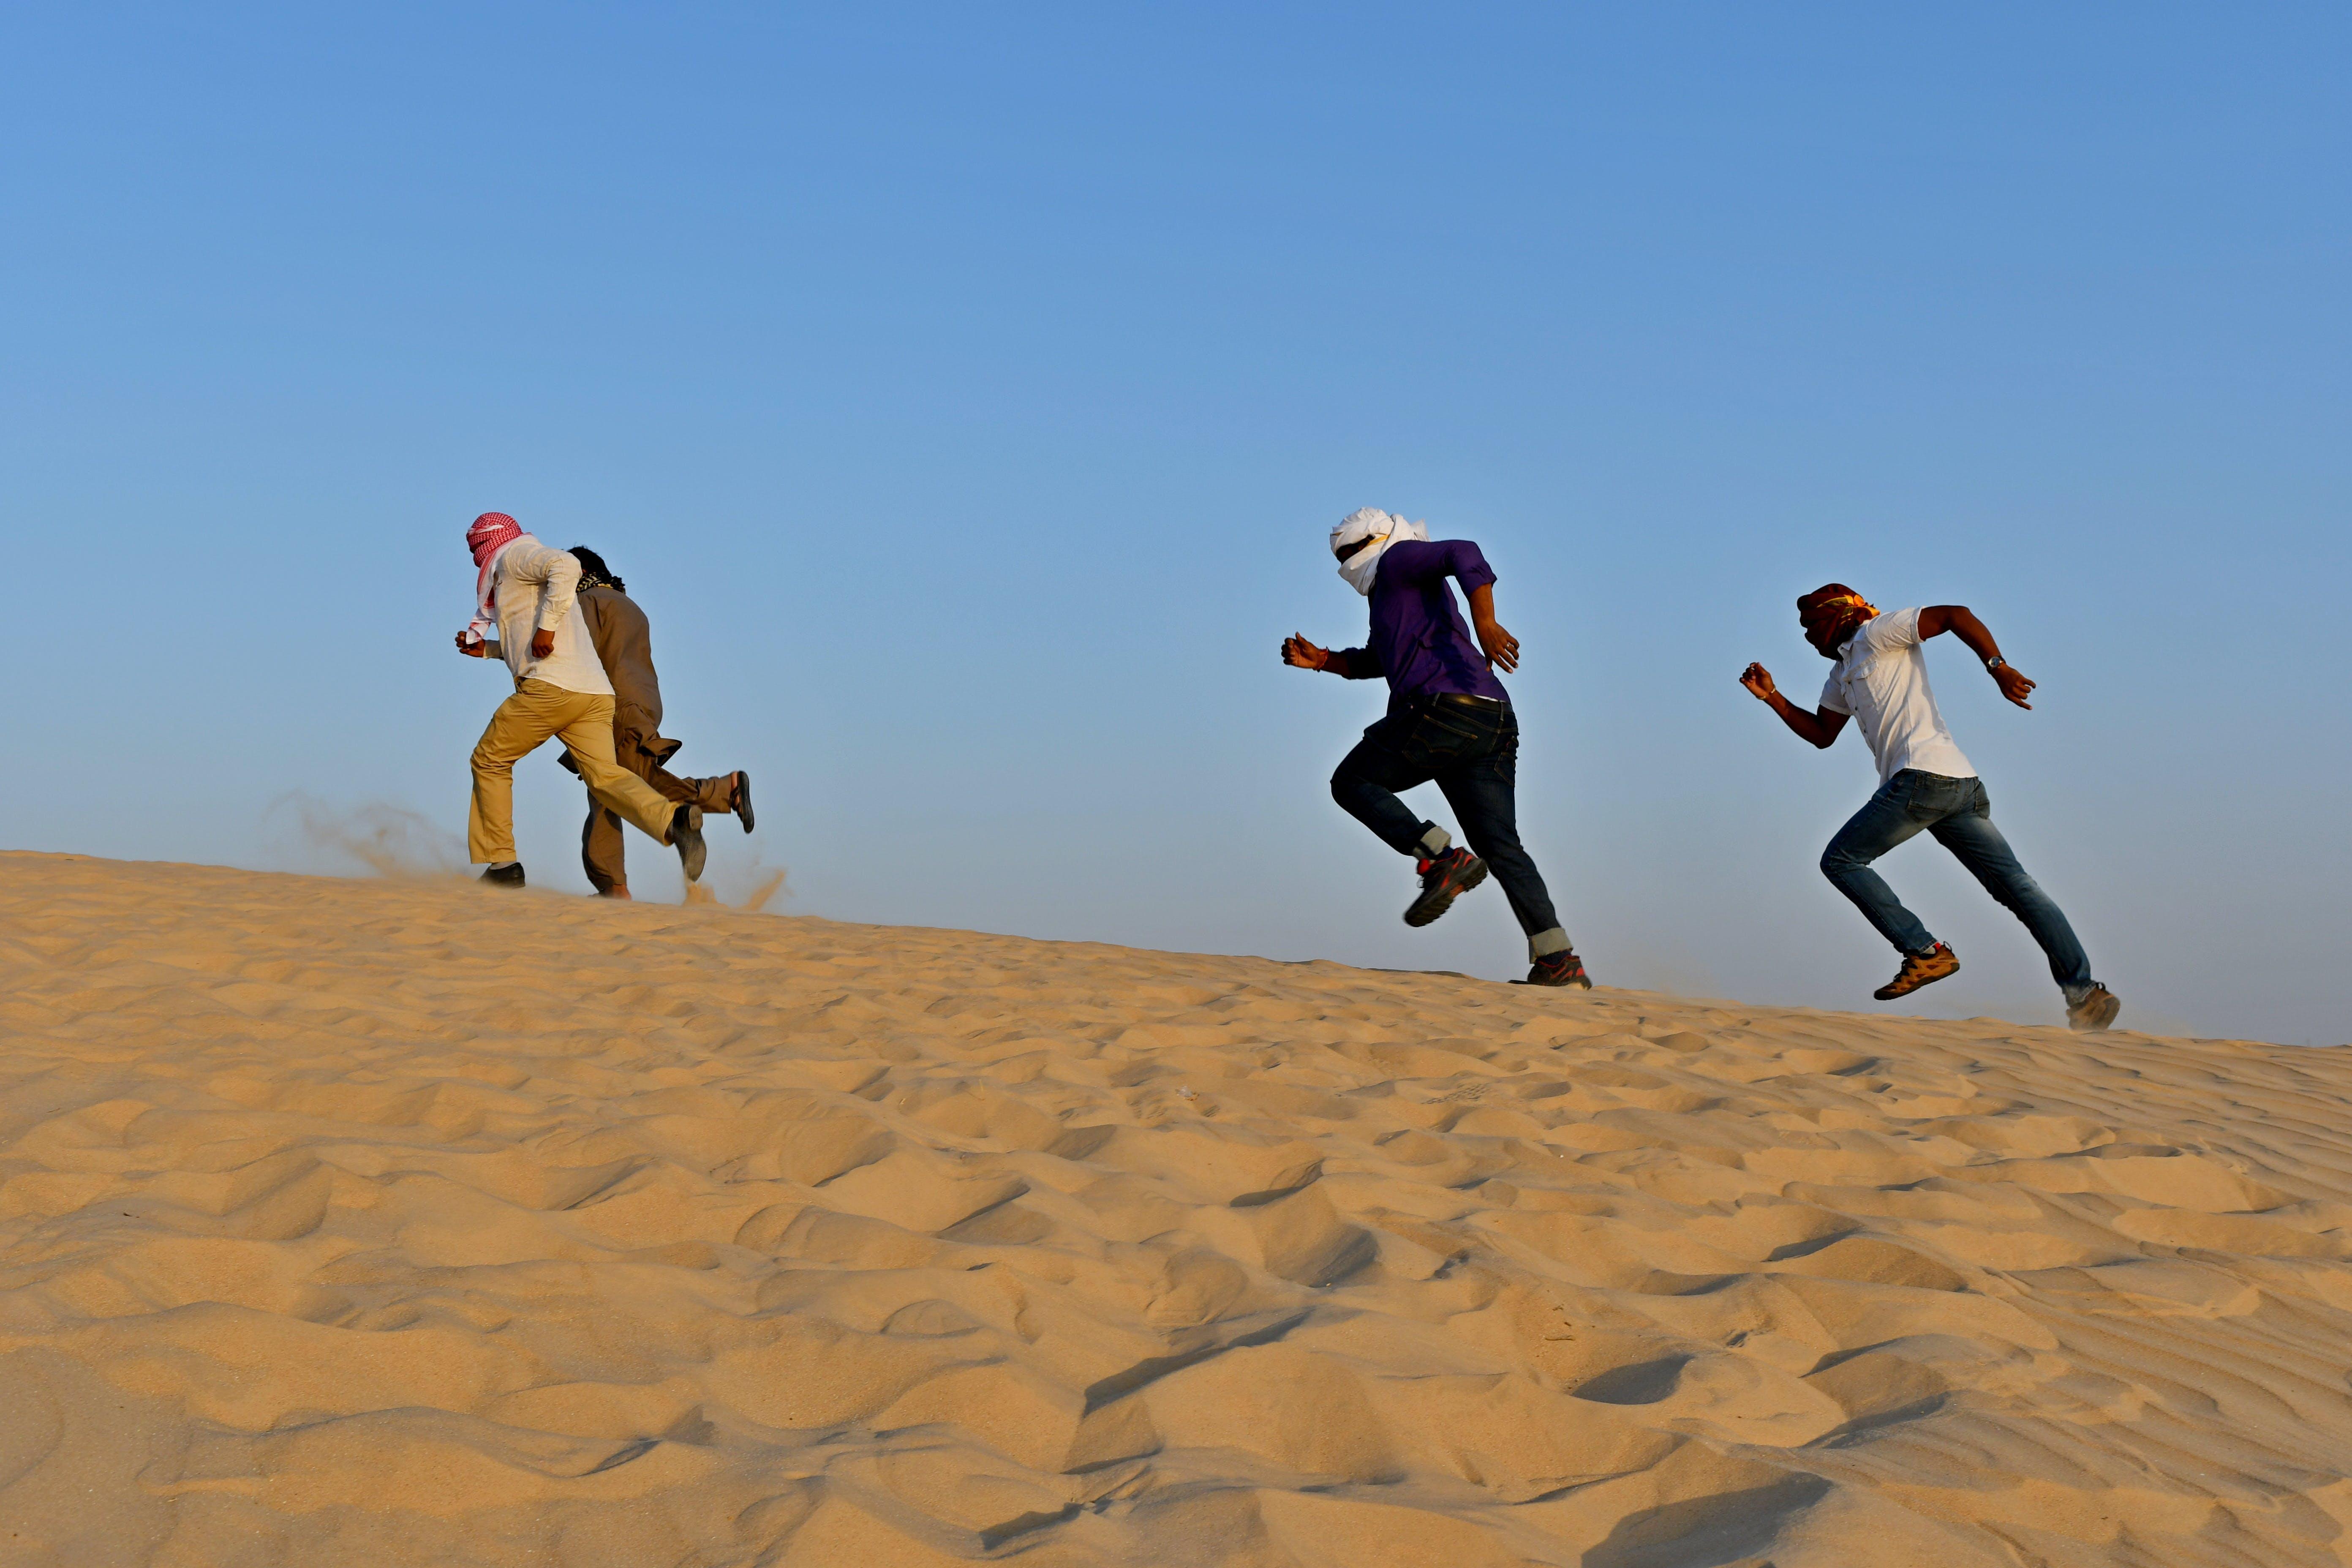 Gratis stockfoto met arabië, arabische mannen, blauwe lucht, gezonde run